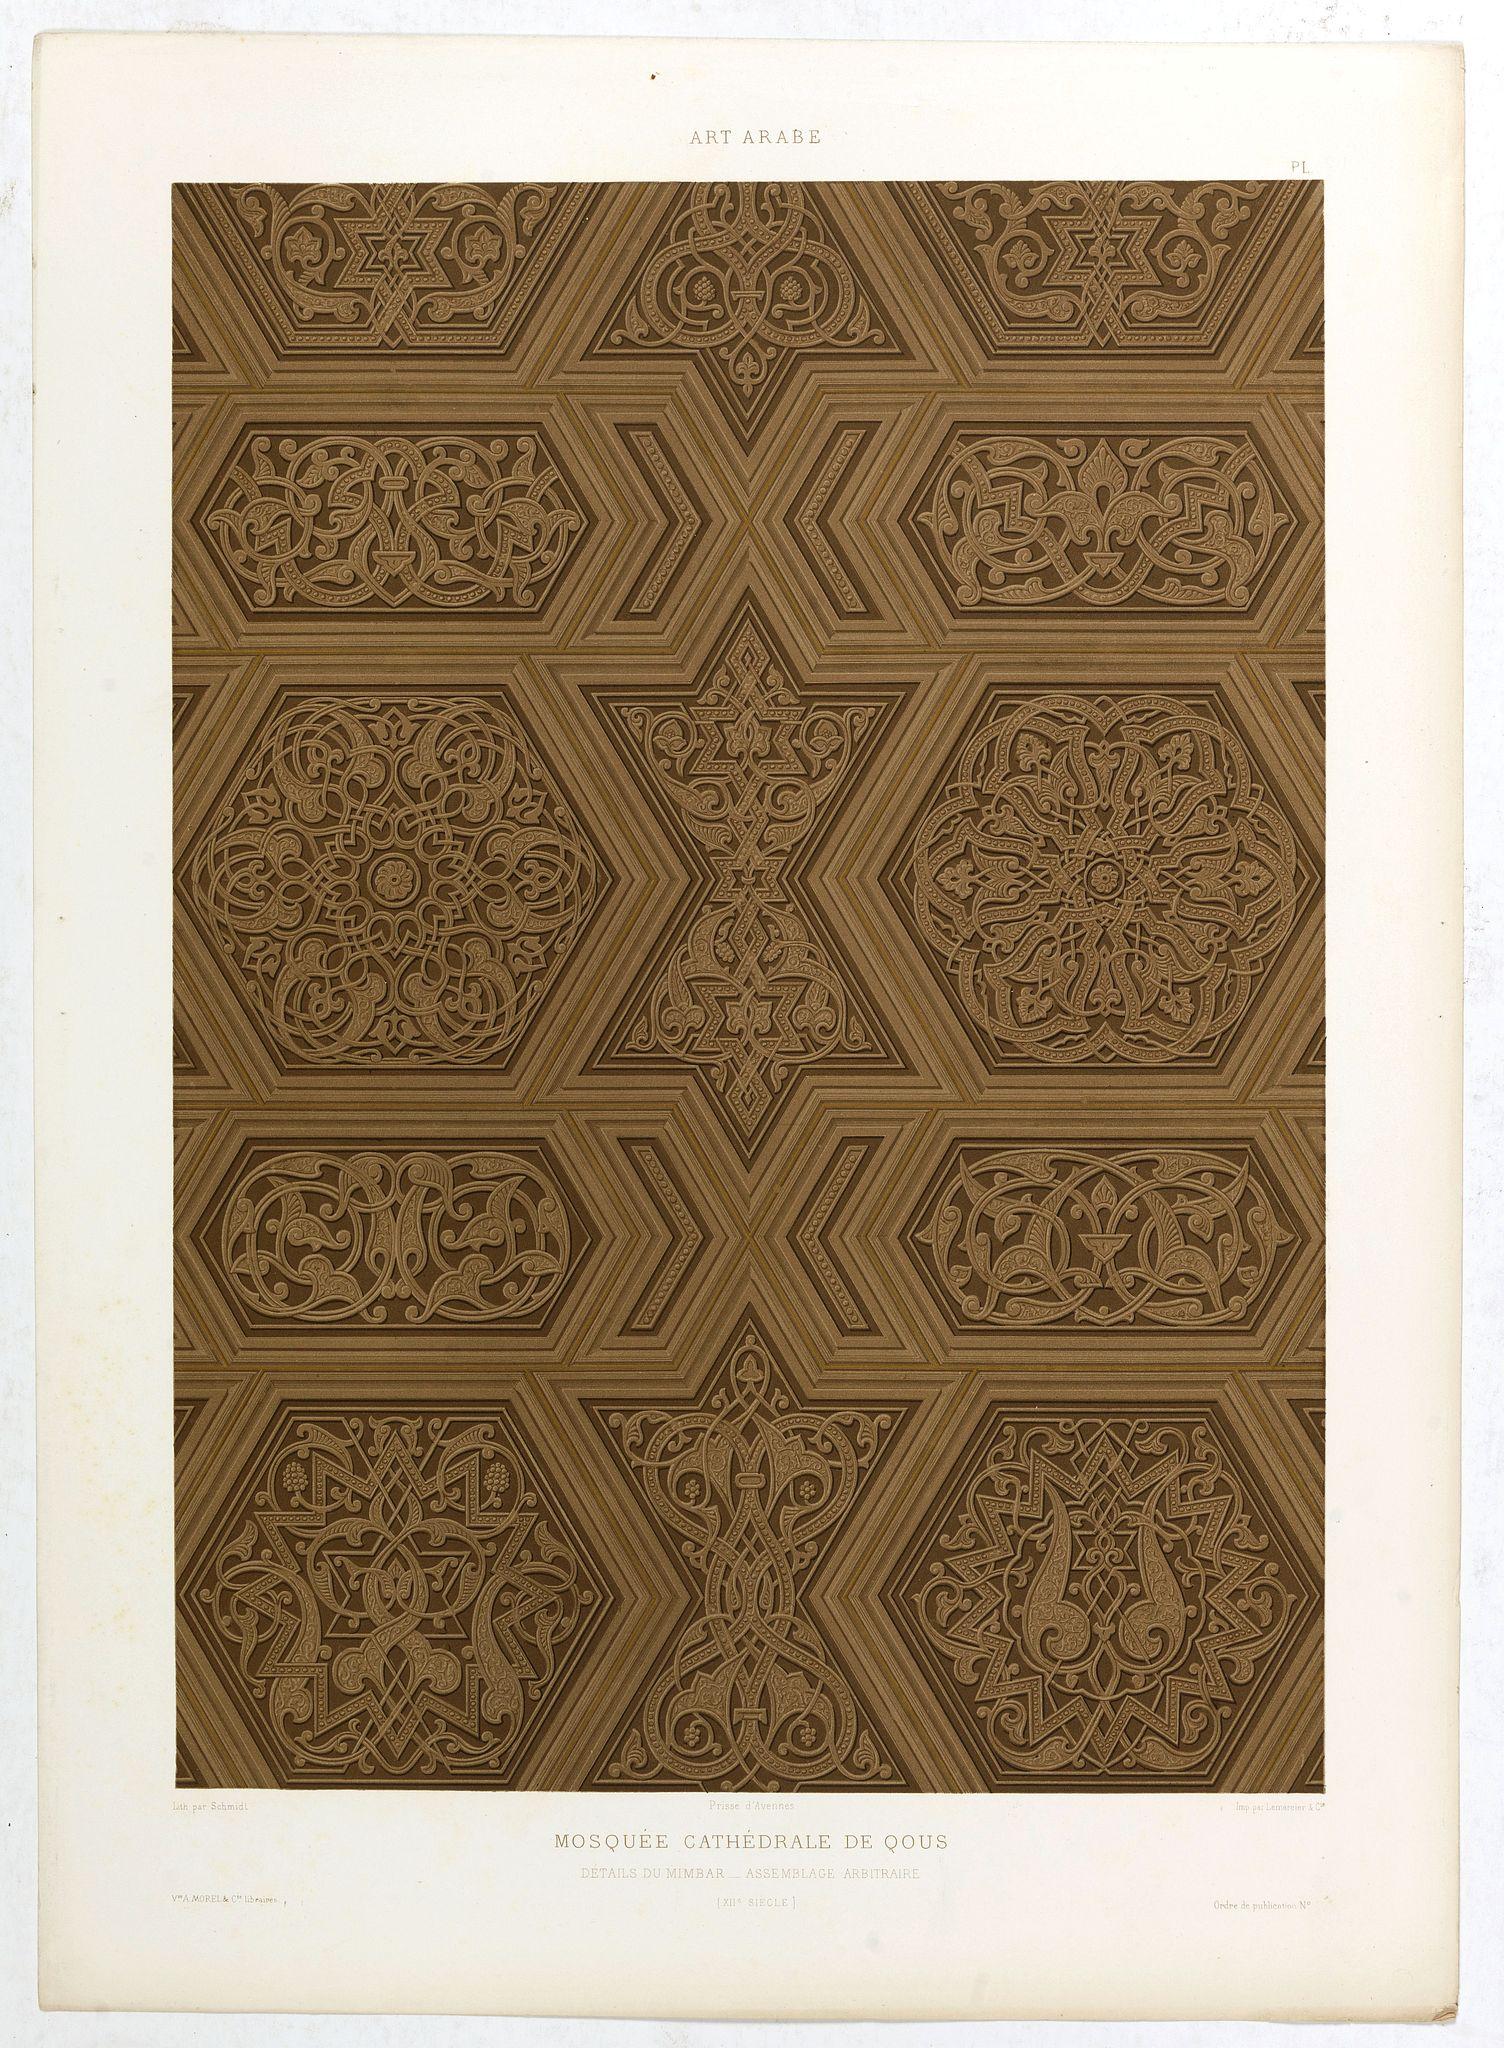 PRISSE D'AVENNES, E. -  Art arabe. - Mosquée cathédrale de qous Détails du Mimbar. . .